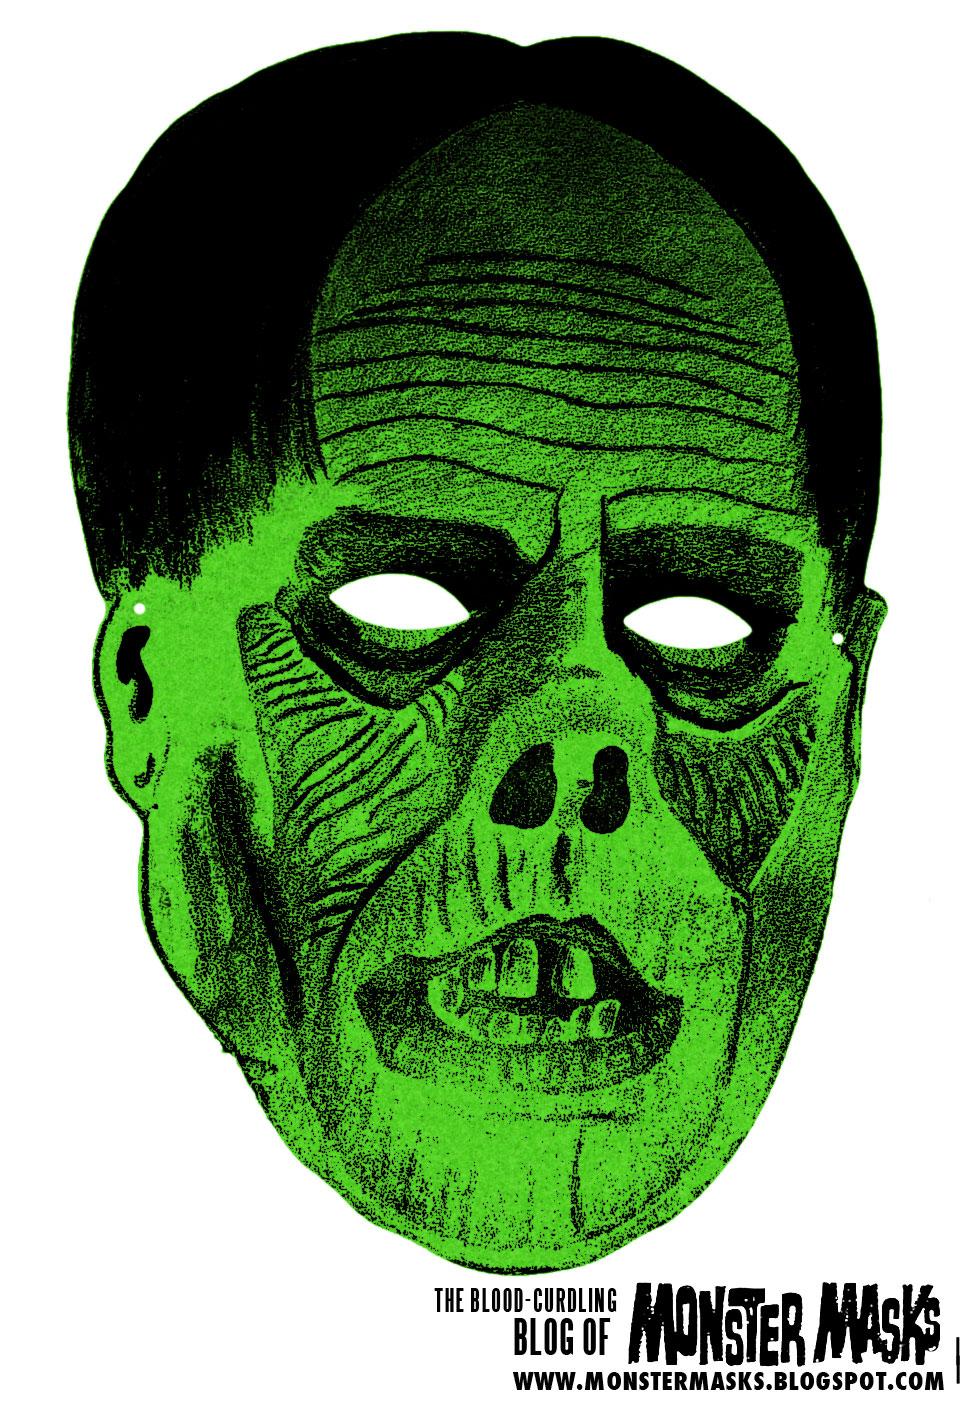 http://1.bp.blogspot.com/-TszmIj-IFiU/UYEtkl1SPyI/AAAAAAAALwc/xB0ndgOXQYs/s1600/phantom-cut-out-mask01.jpg